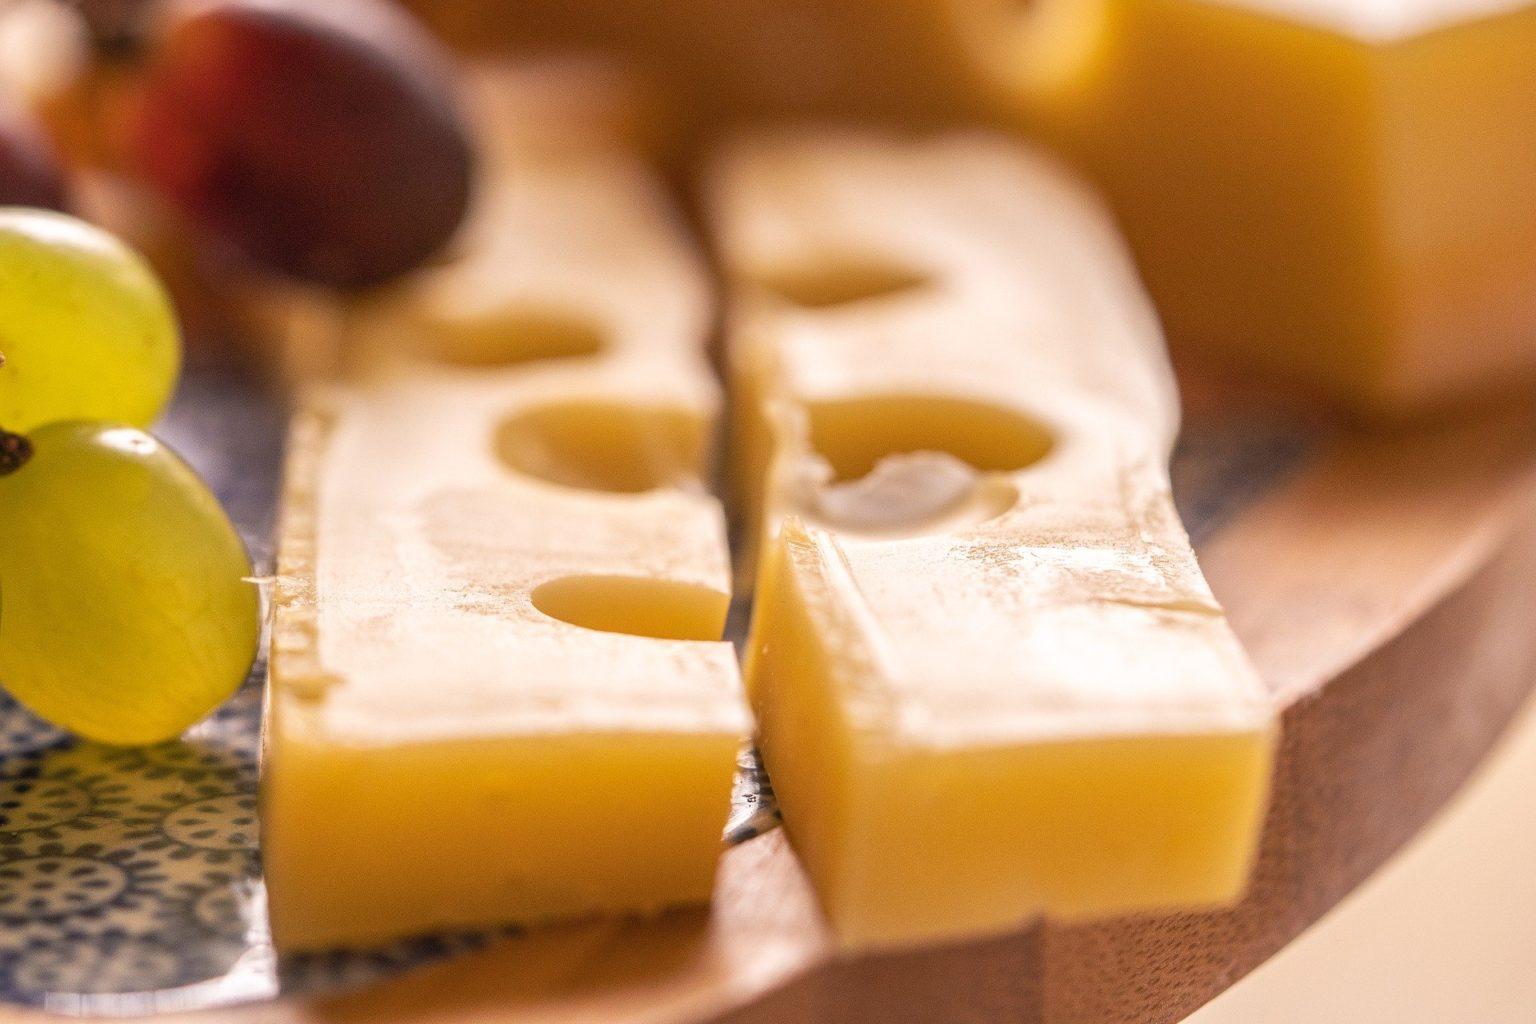 В нидерландских супермаркетах из-за хакерской атаки закончился сыр